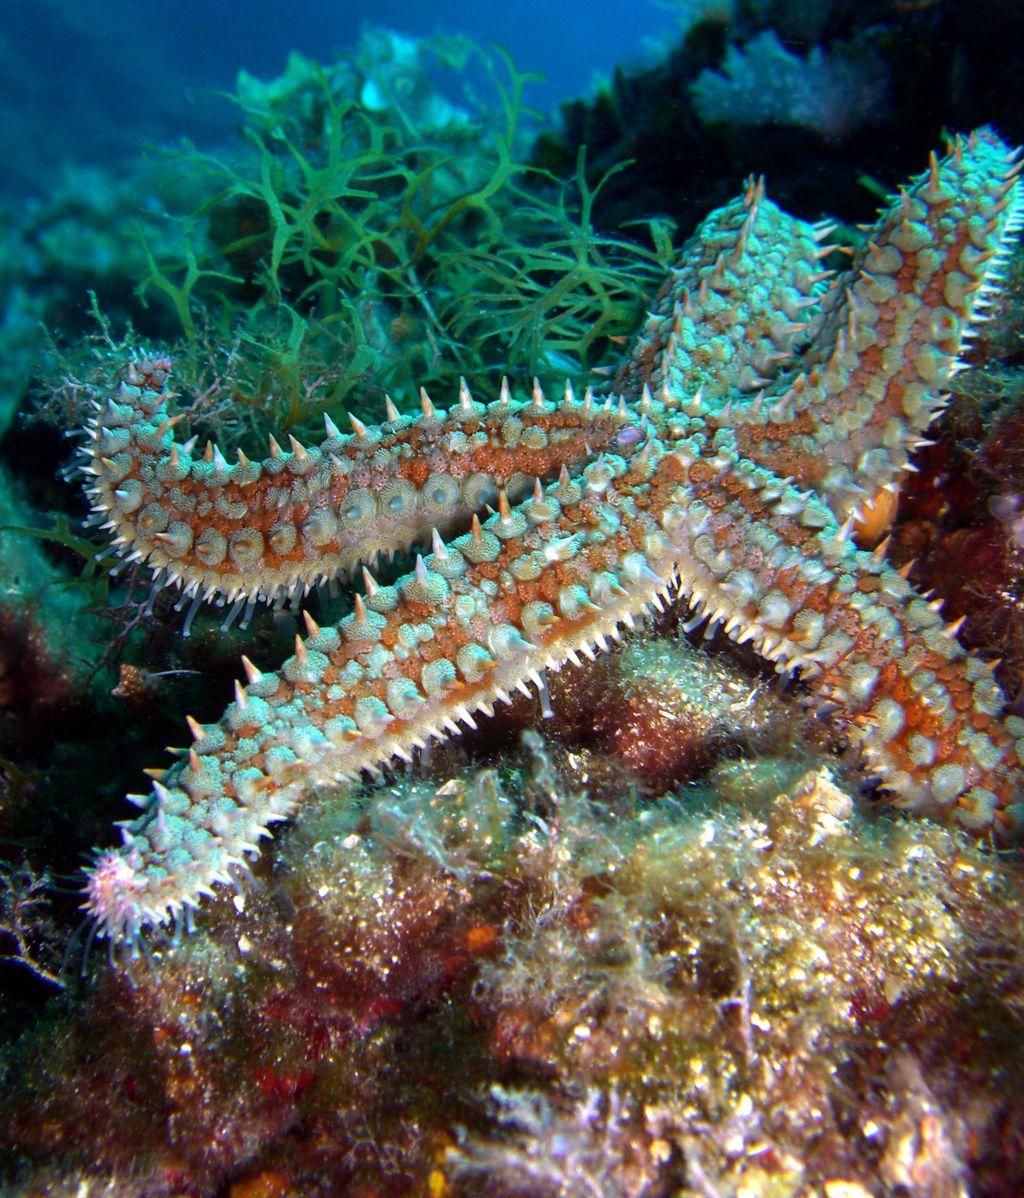 Vuelven las estrellas de mar a la costa de California después de llevar años desaparecidas